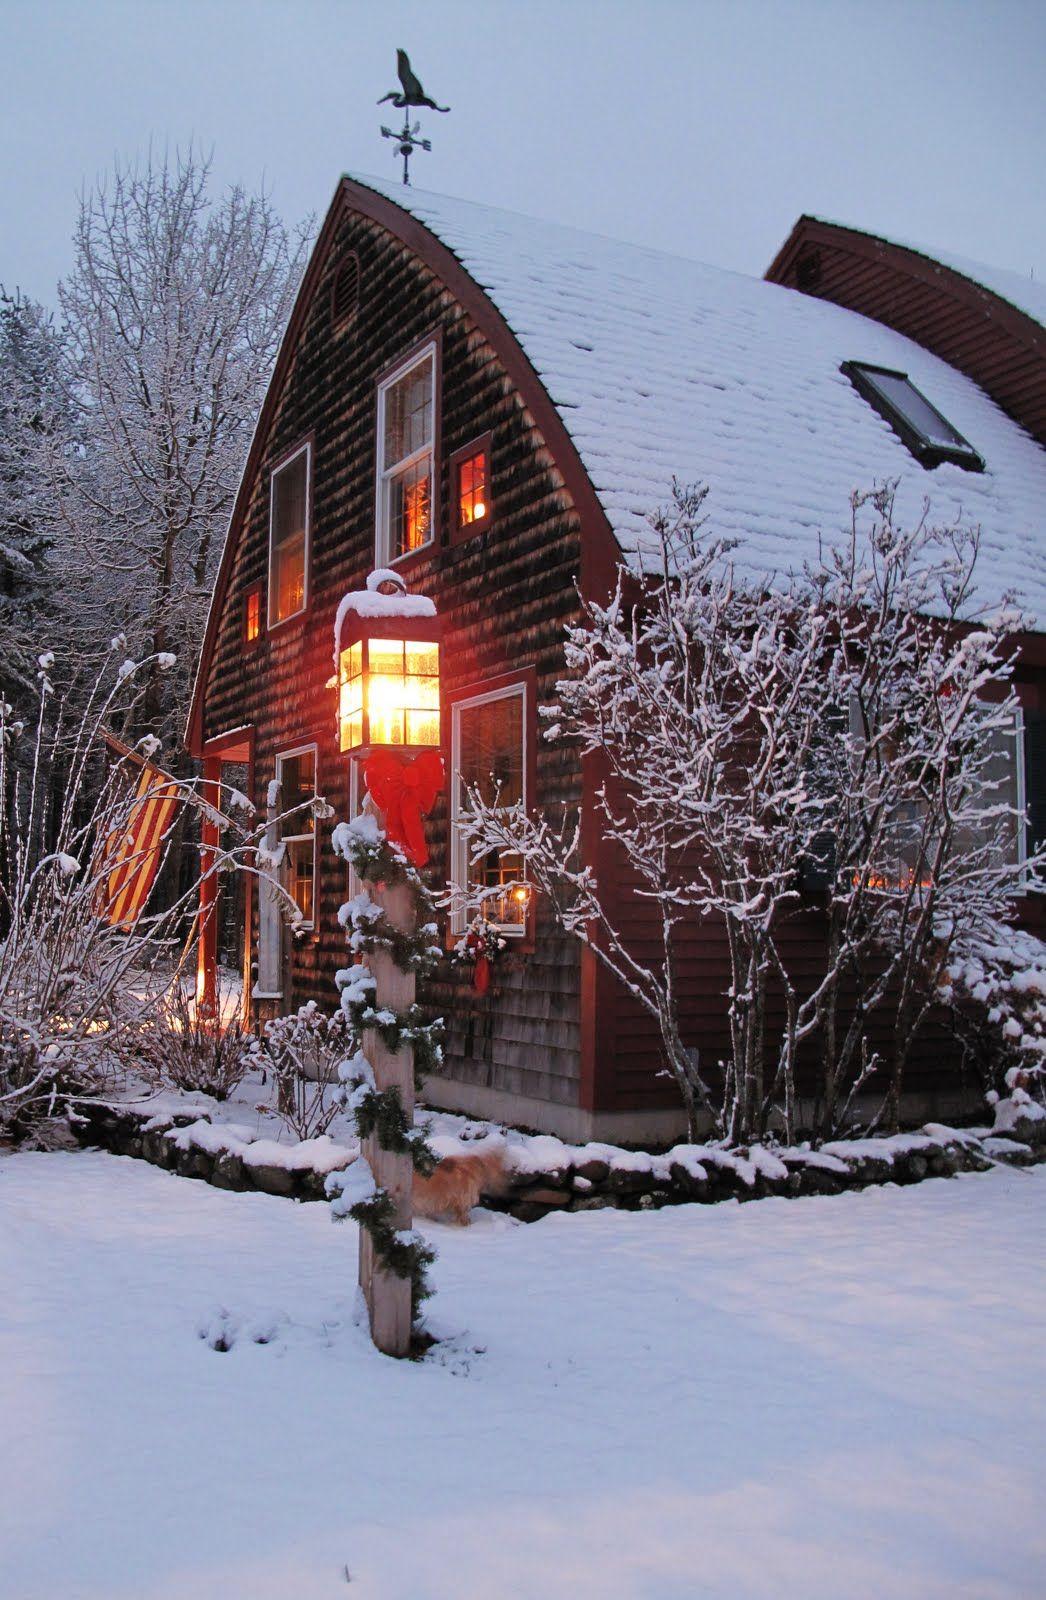 Barn Home At Christmas